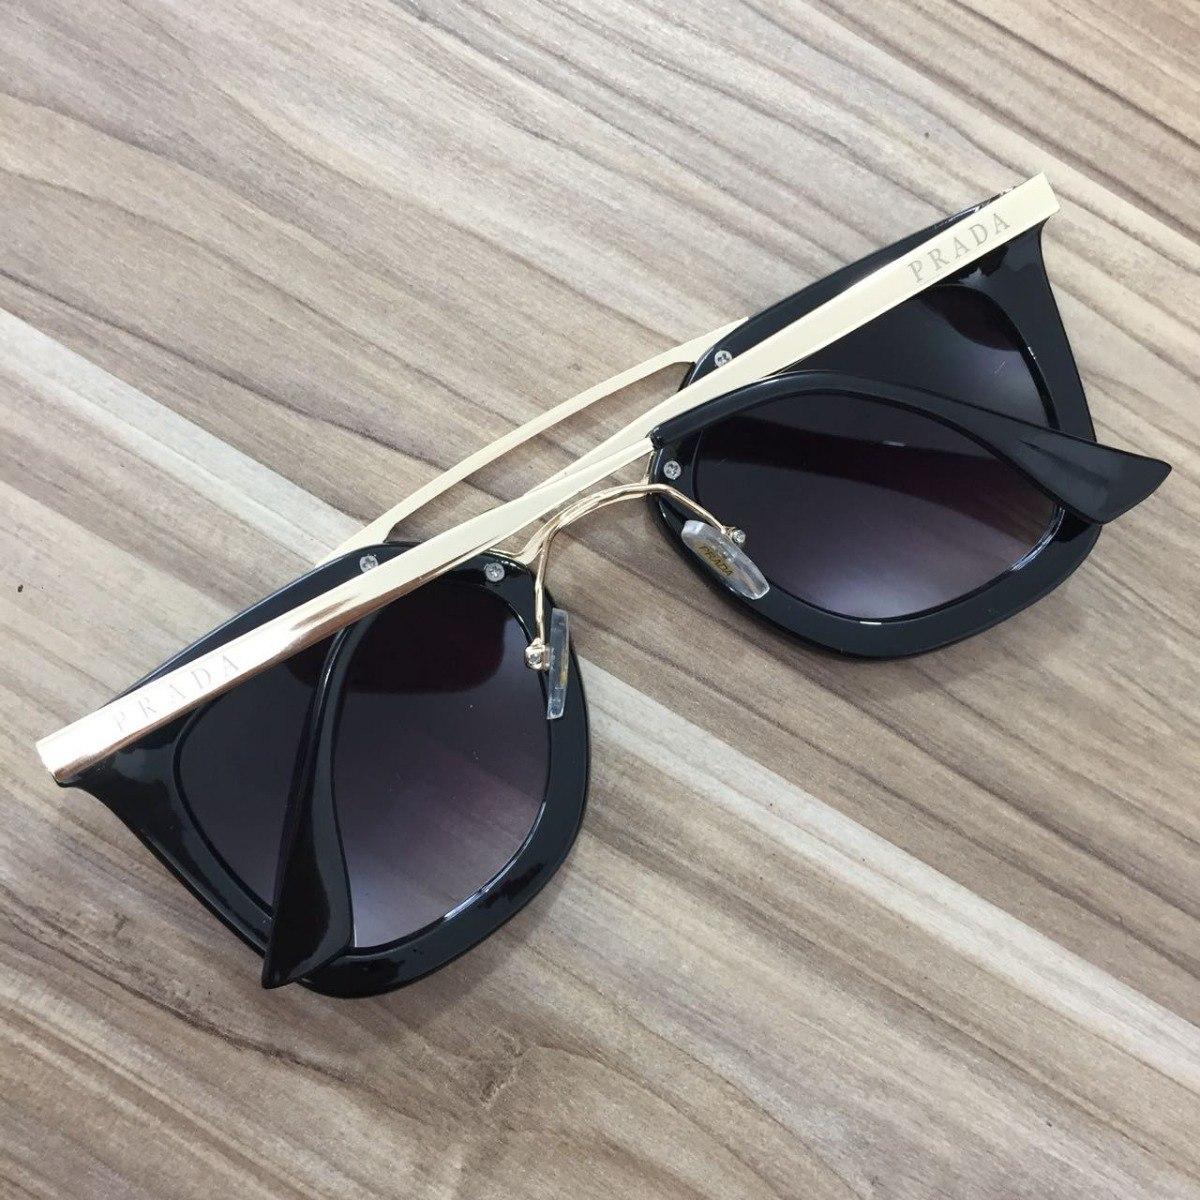 c844e742f Óculos Feminino Armação Grau Geek Quadrado Vintage Cinema - R$ 49,00 em  Mercado Livre